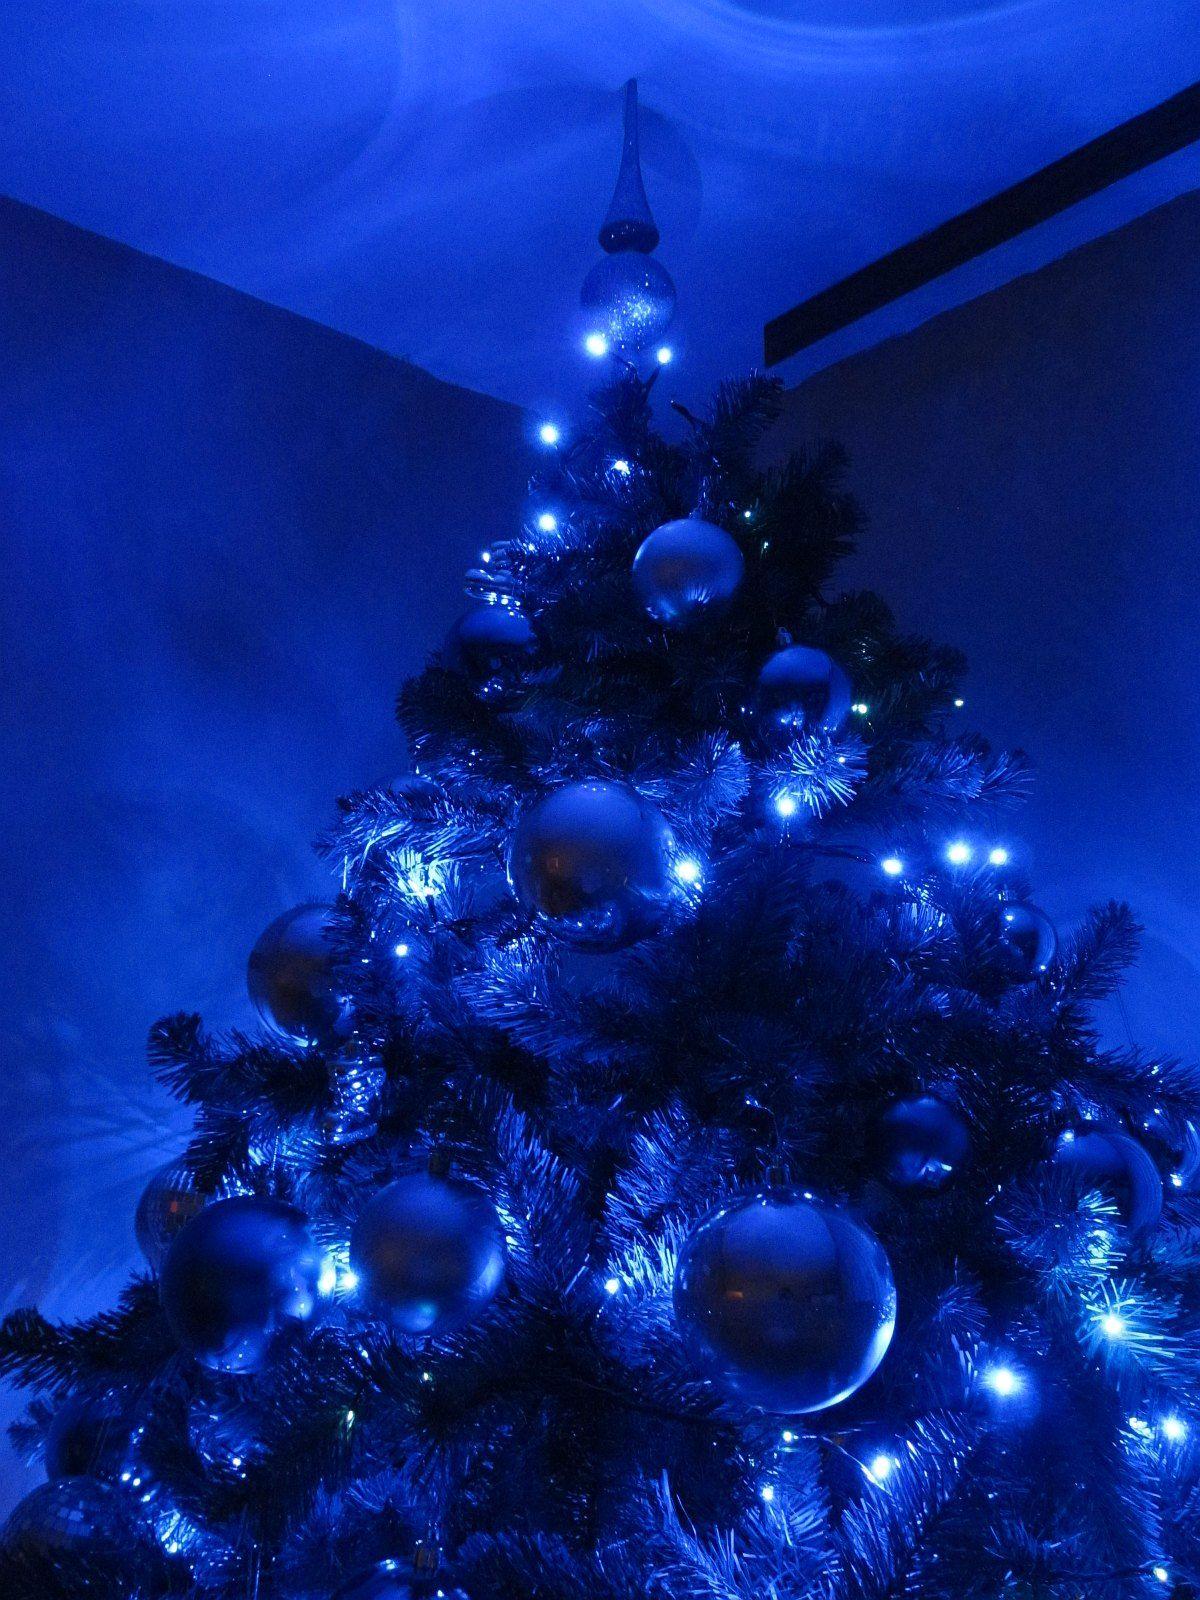 Christmas Tree Virtual Workshop Marino Bobetic Blue Christmas Background Blue Christmas Tree Blue Christmas